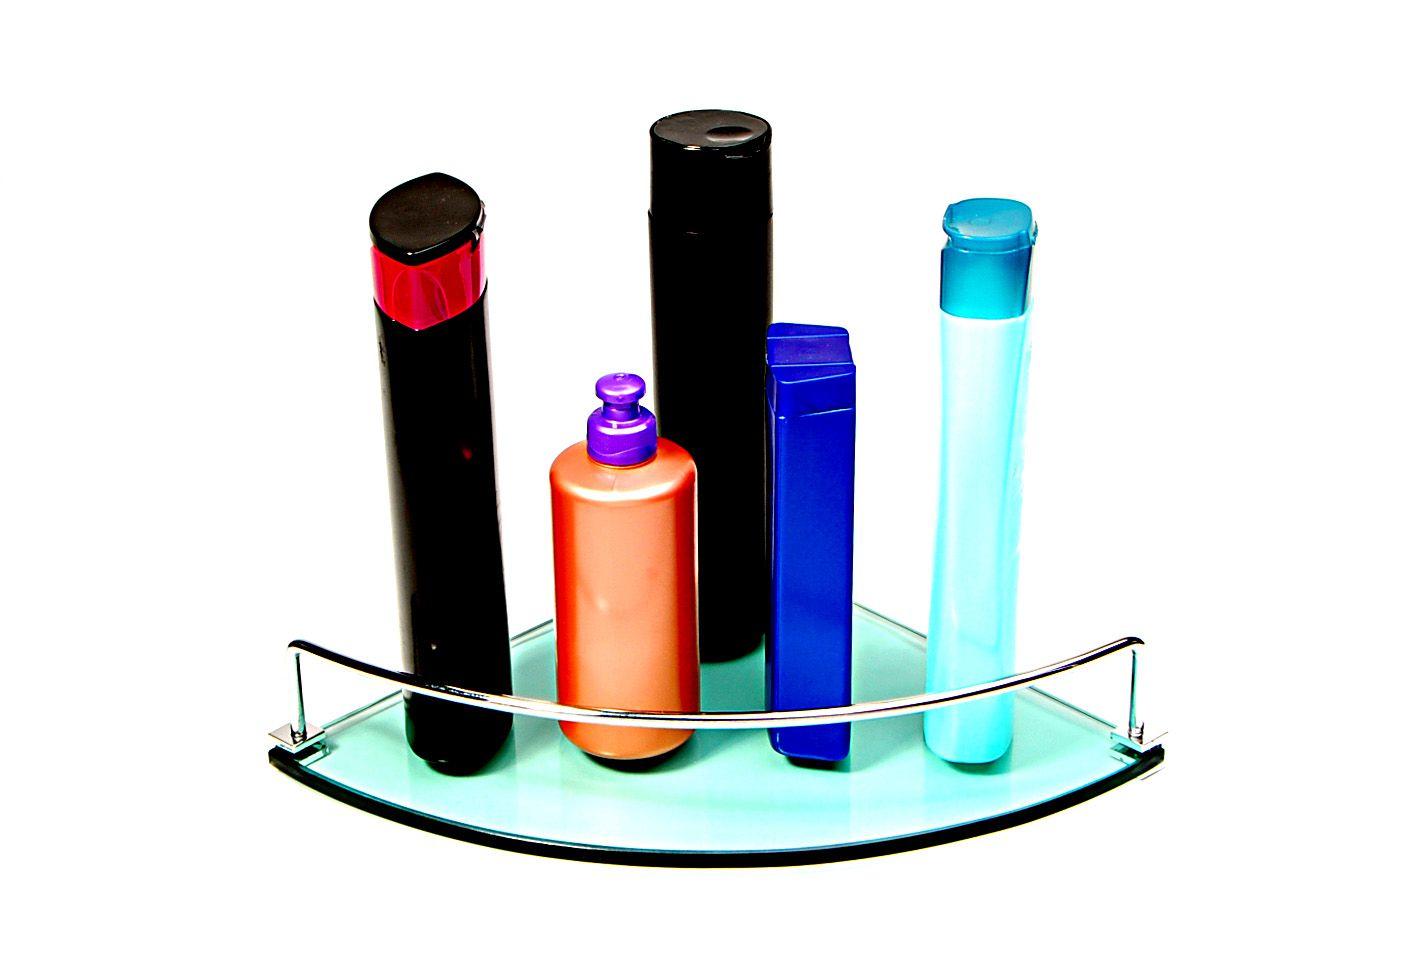 Porta Shampoo Canto Curvo em Vidro Verde Lapidado - Aquabox  - 25cmx25cmx8mm